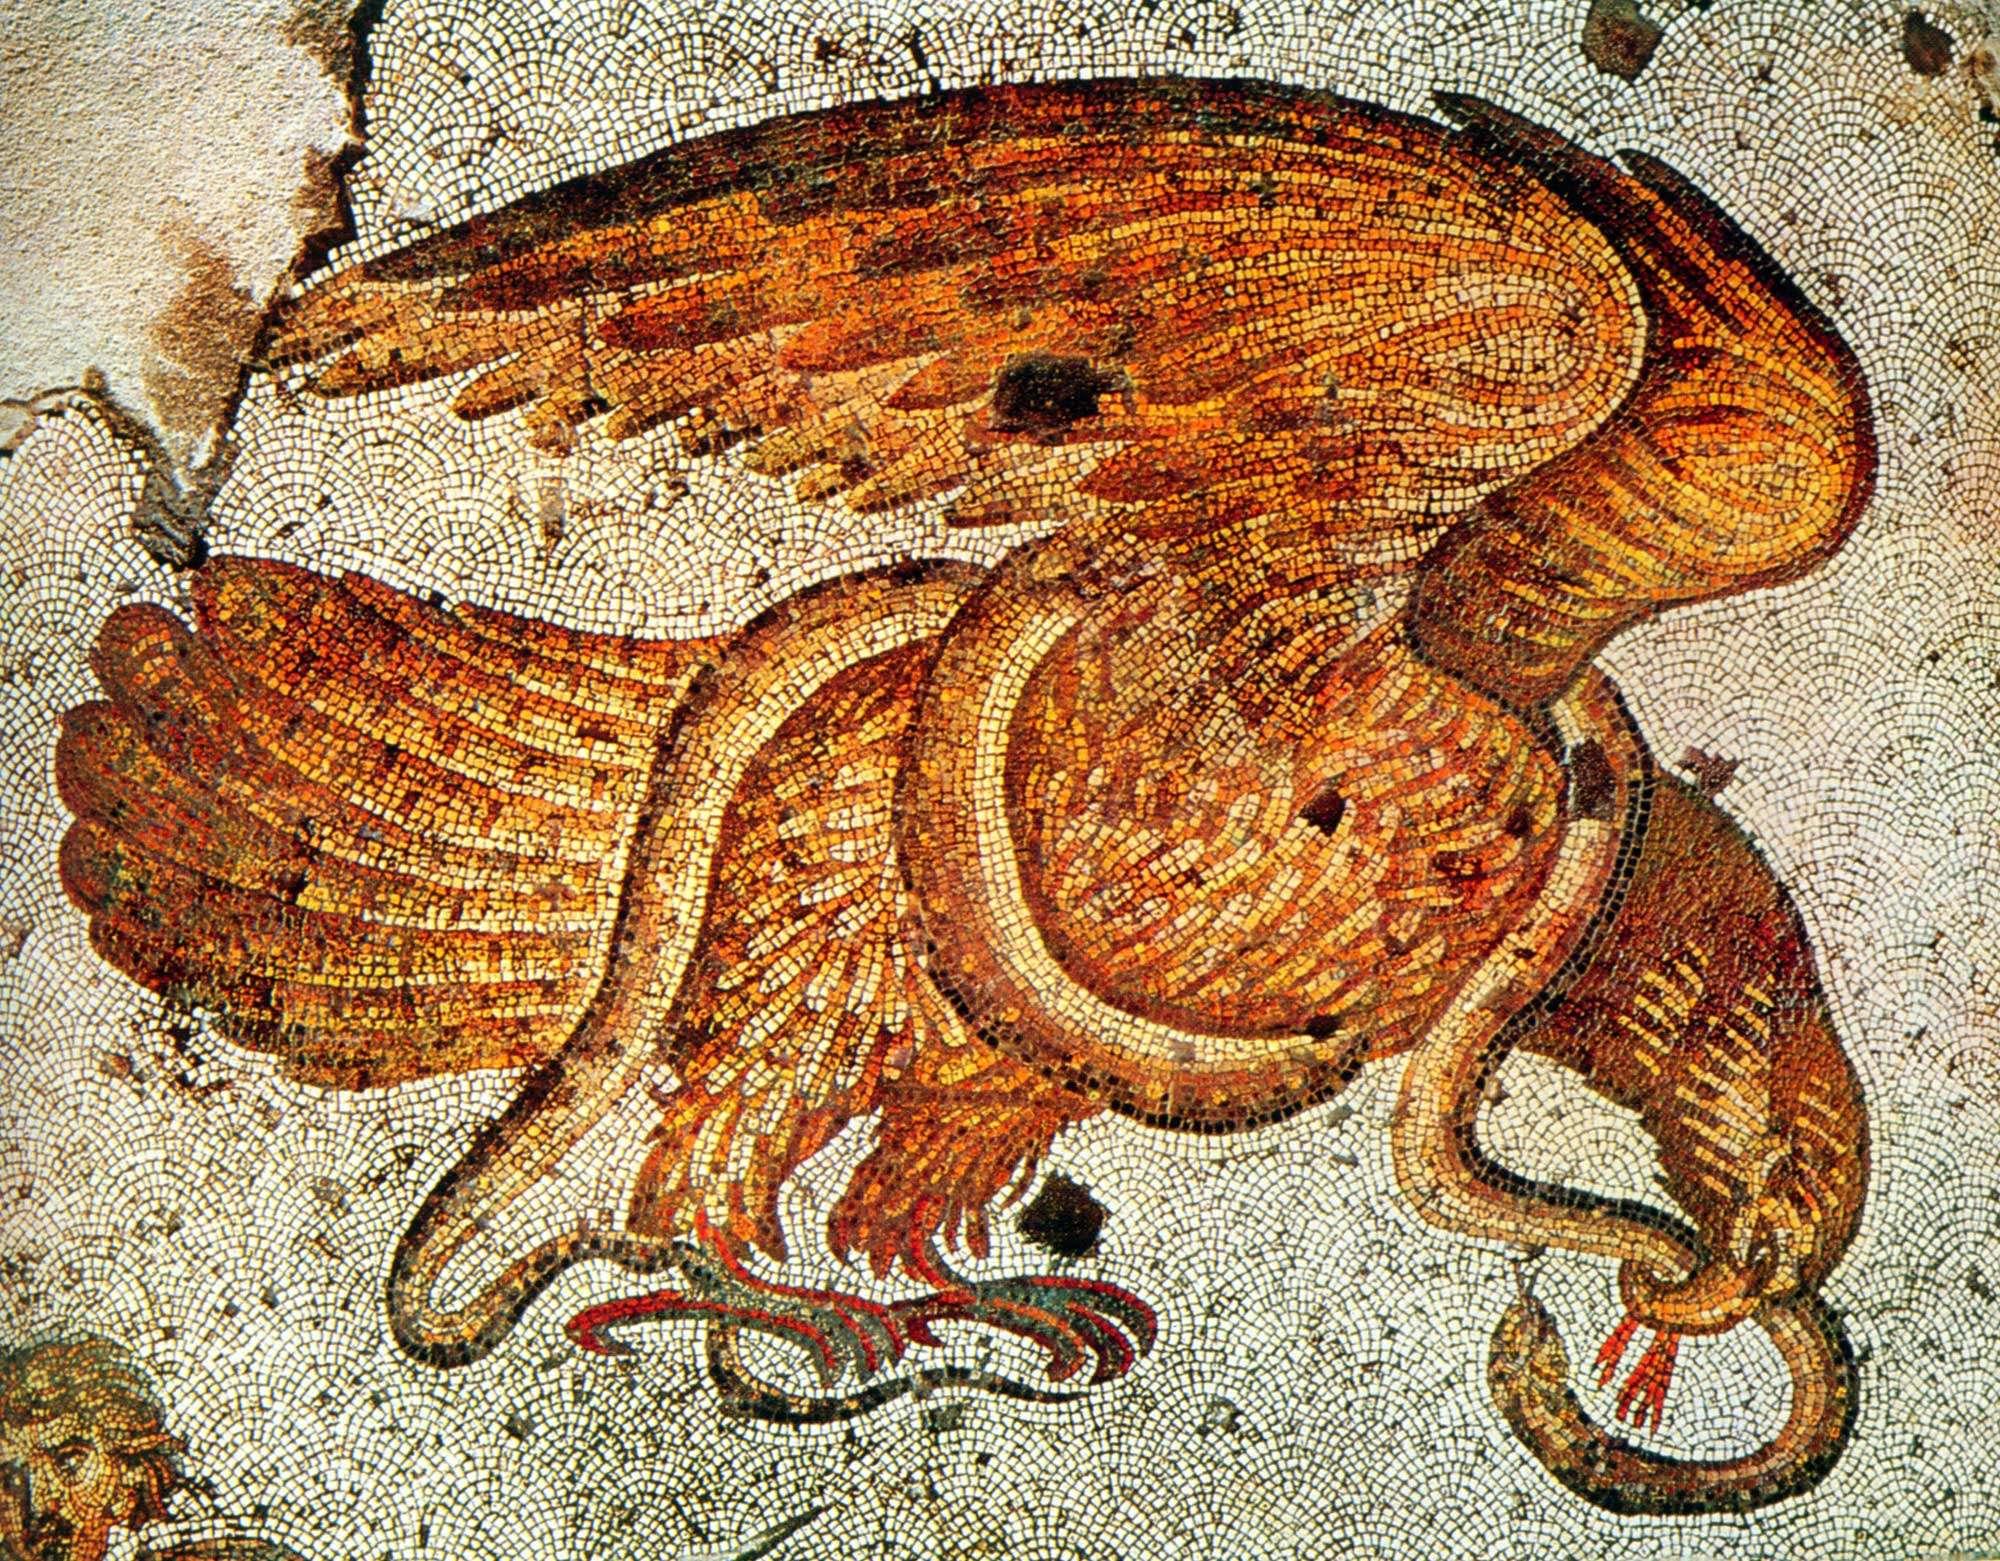 Βυζαντινό ψηφιδωτό από το παλάτι της Κωνσταντινούπολης. 6ος αιώνας μ.Χ.